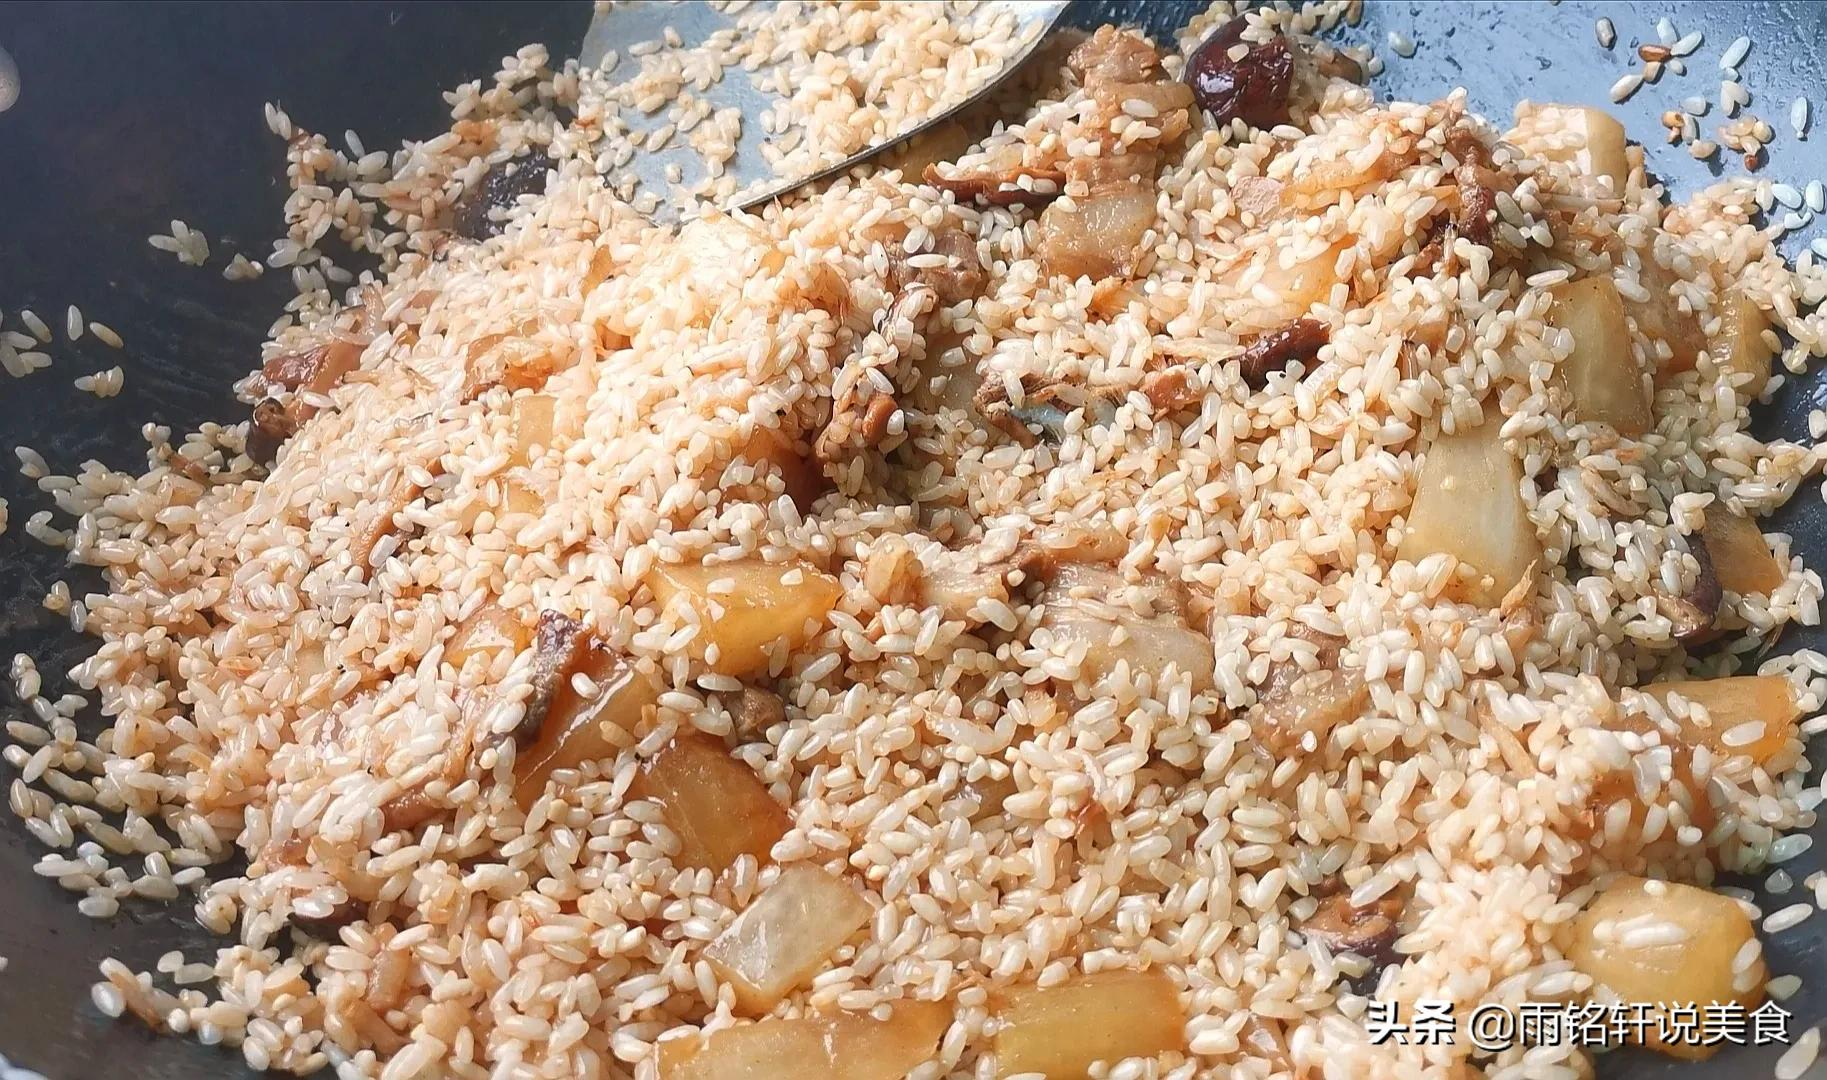 終於找到大米飯最好吃的做法,有葷有素還營養,吃一次就念念不忘